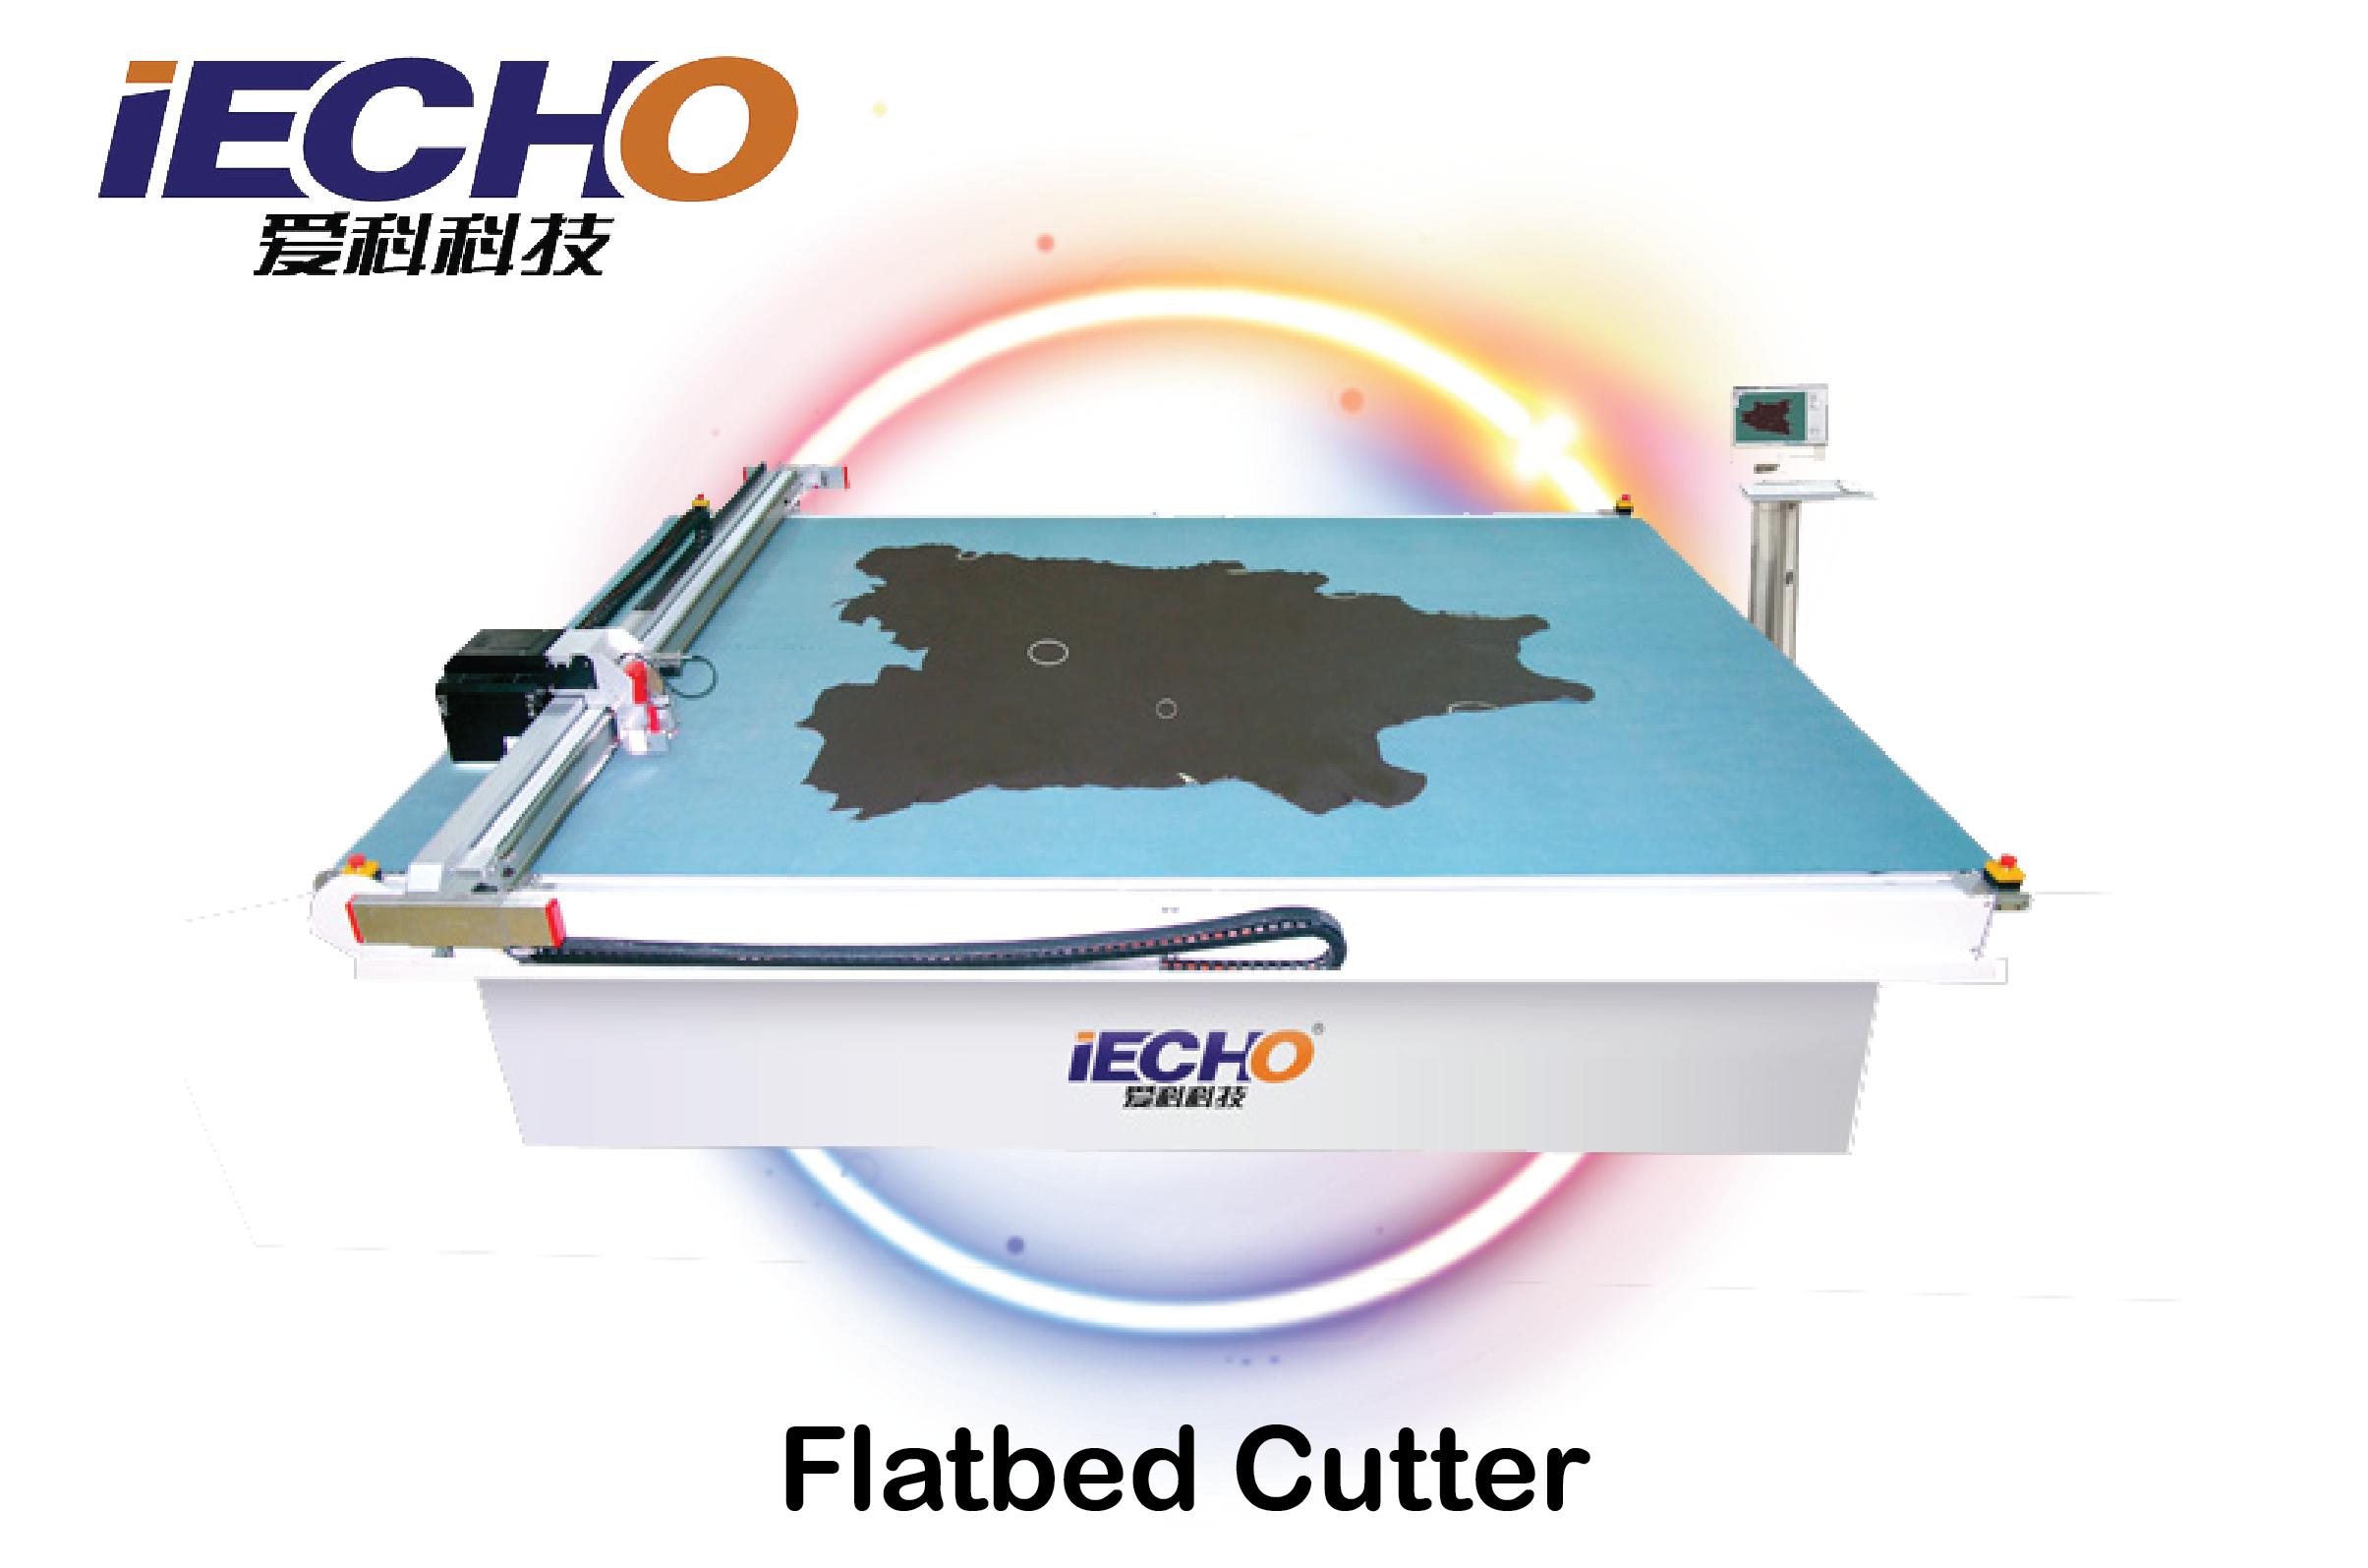 IECHO TK Cutting